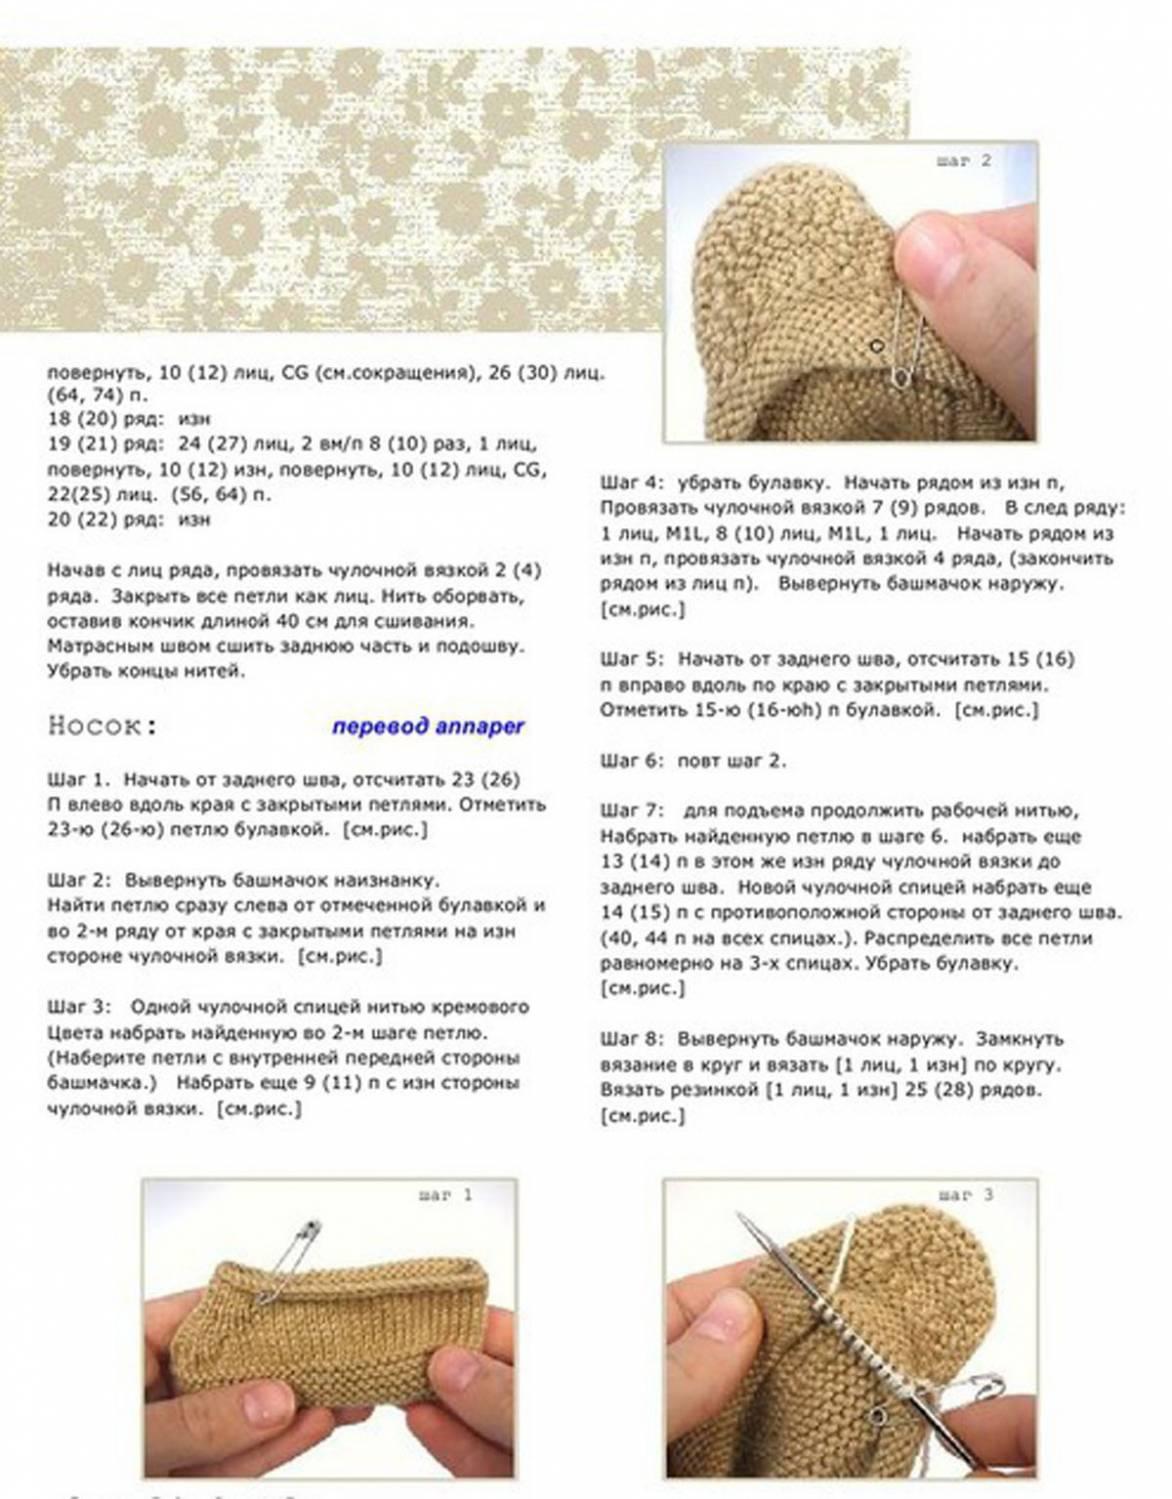 Вязание крючком схемы вязания митенки